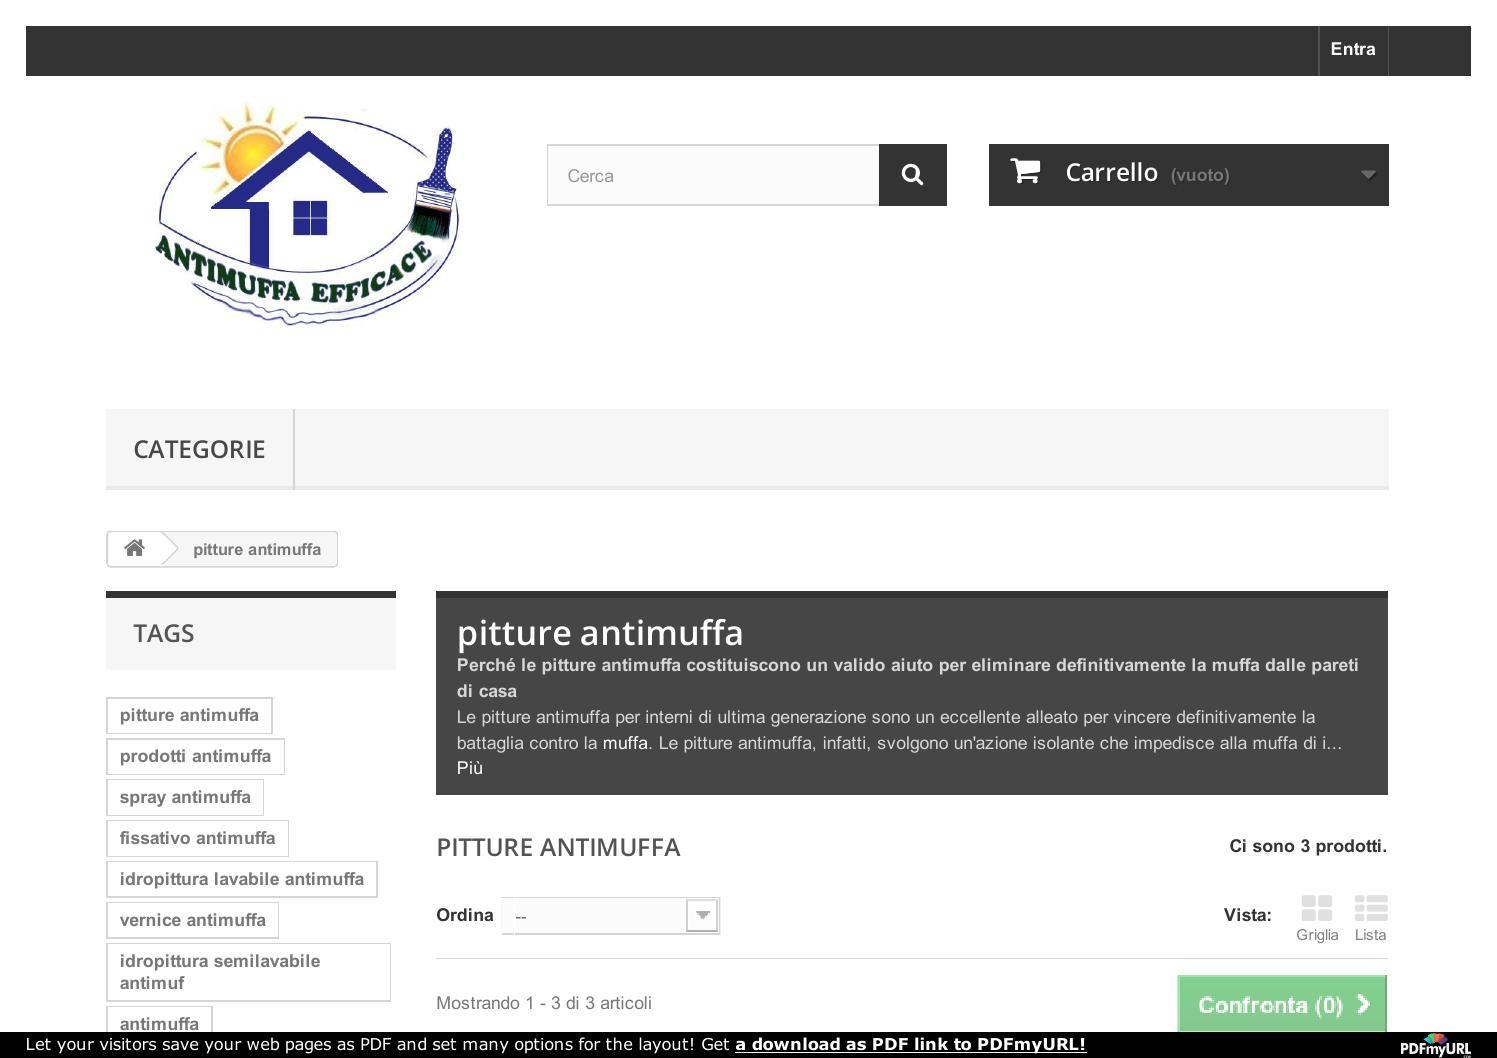 Http antimuffaefficace it 12 pitture antimuffa by for Fissativo antimuffa